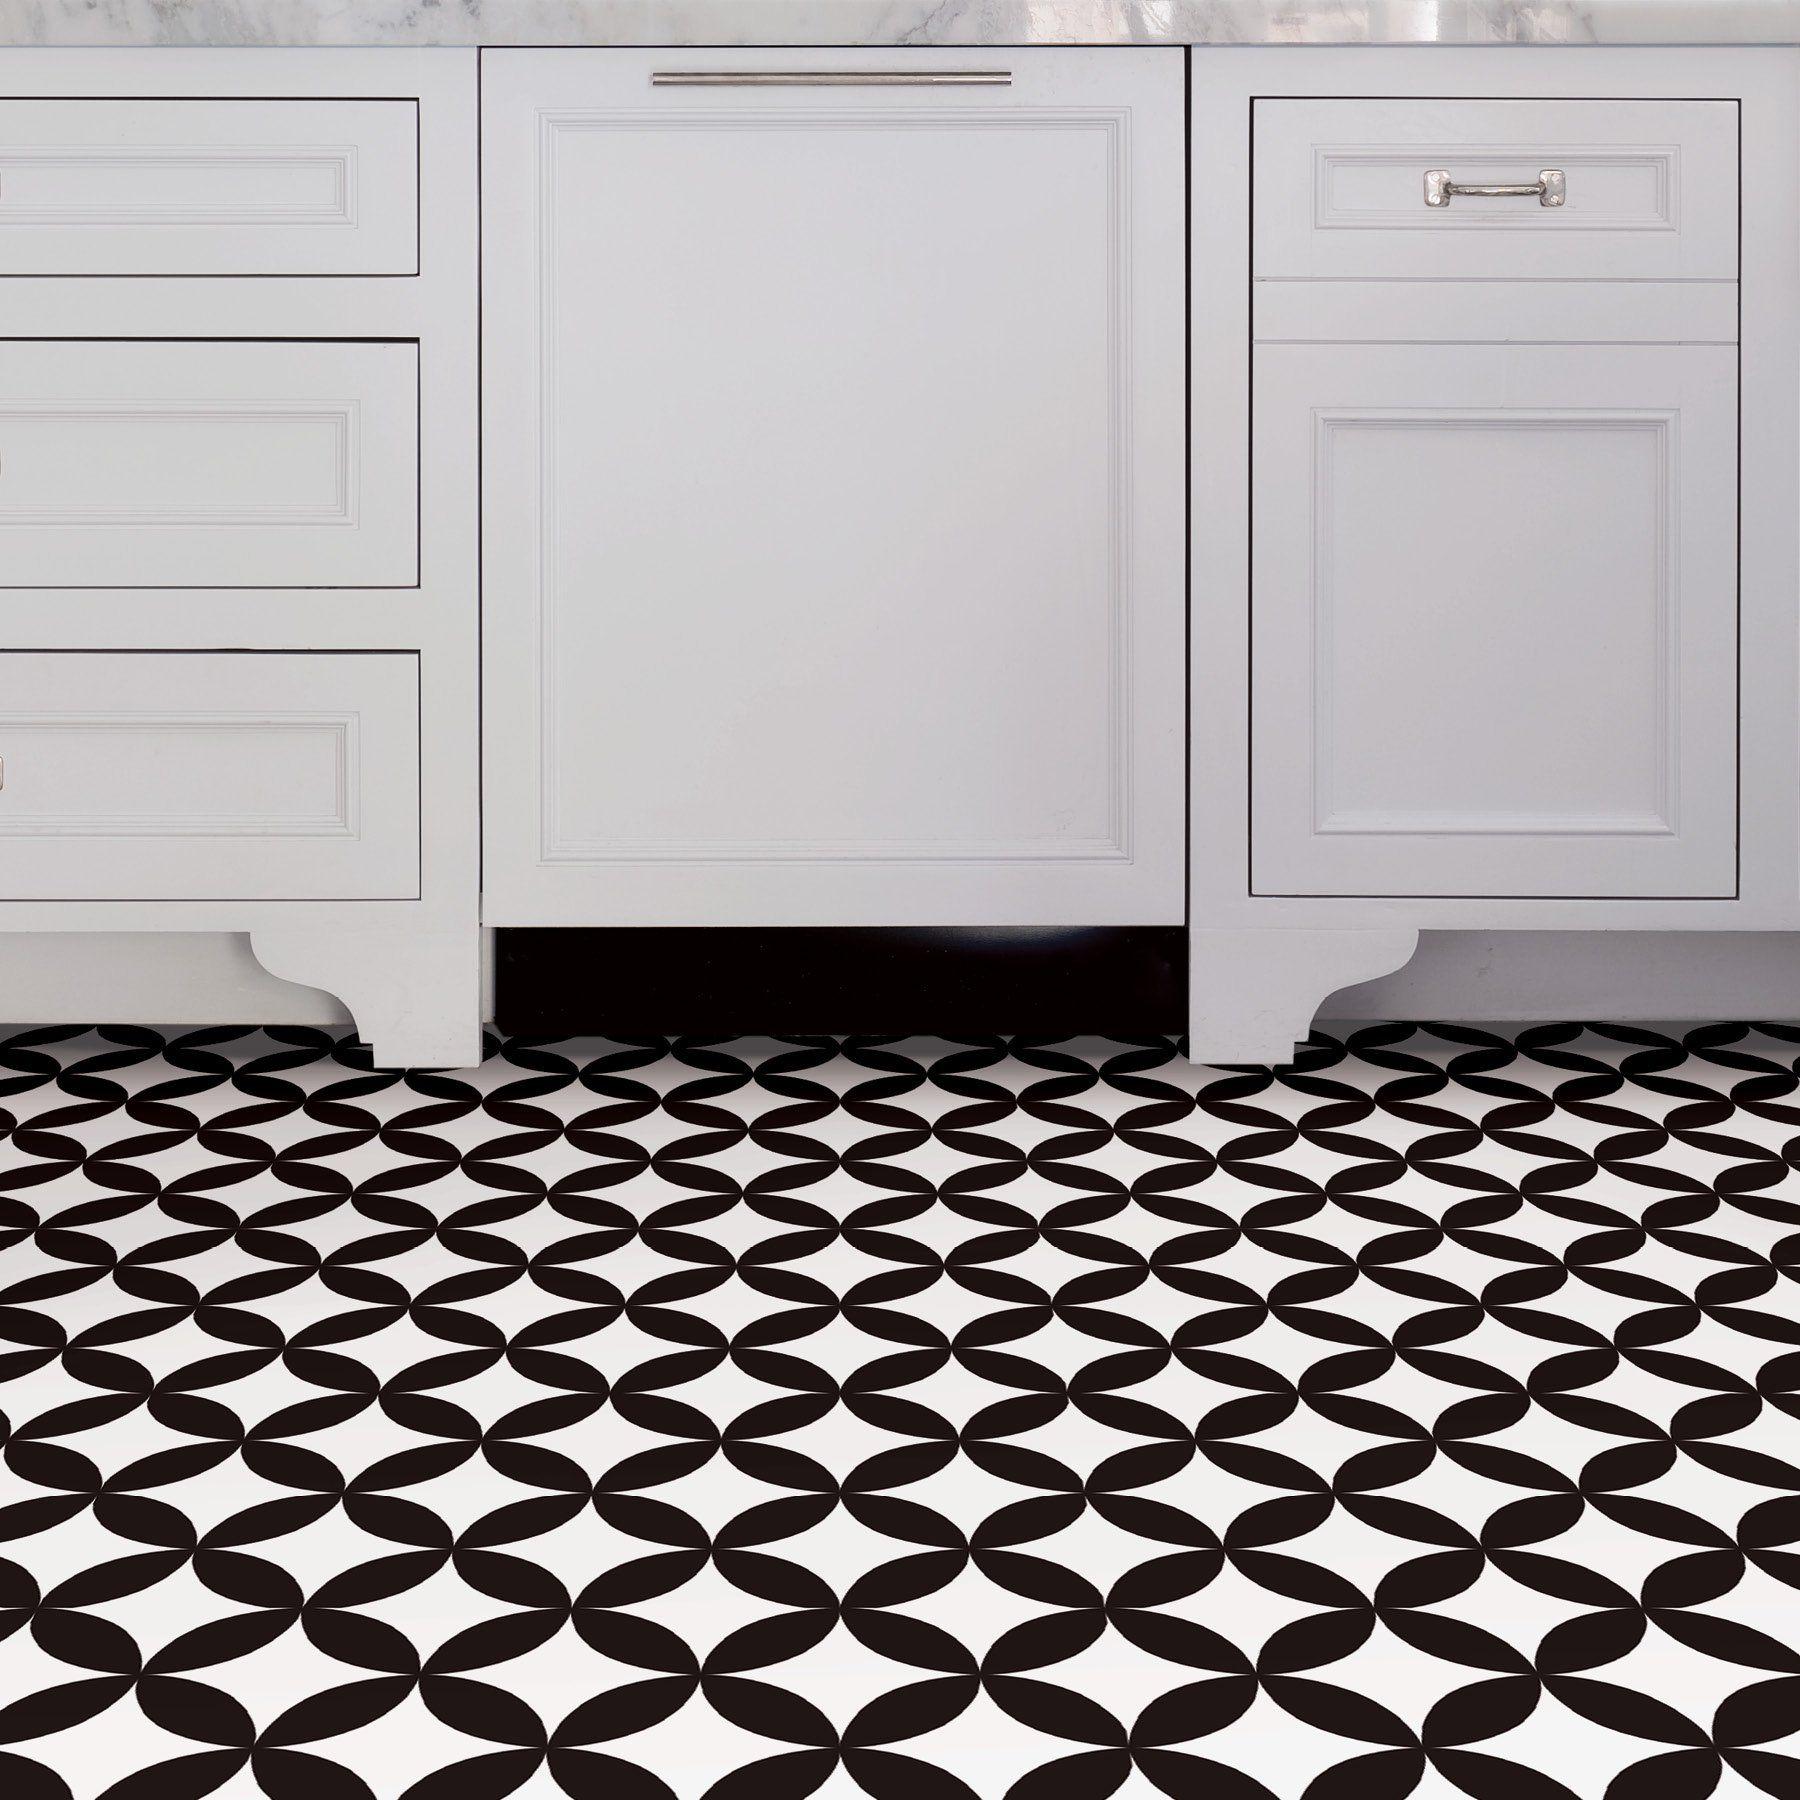 Floorpops Starlight 12 In X 12 In Peel And Stick Virgin Vinyl Floor Tiles 10 Pack Walmart Com In 2020 Peel And Stick Floor Tile Floor Vinyl Tiles